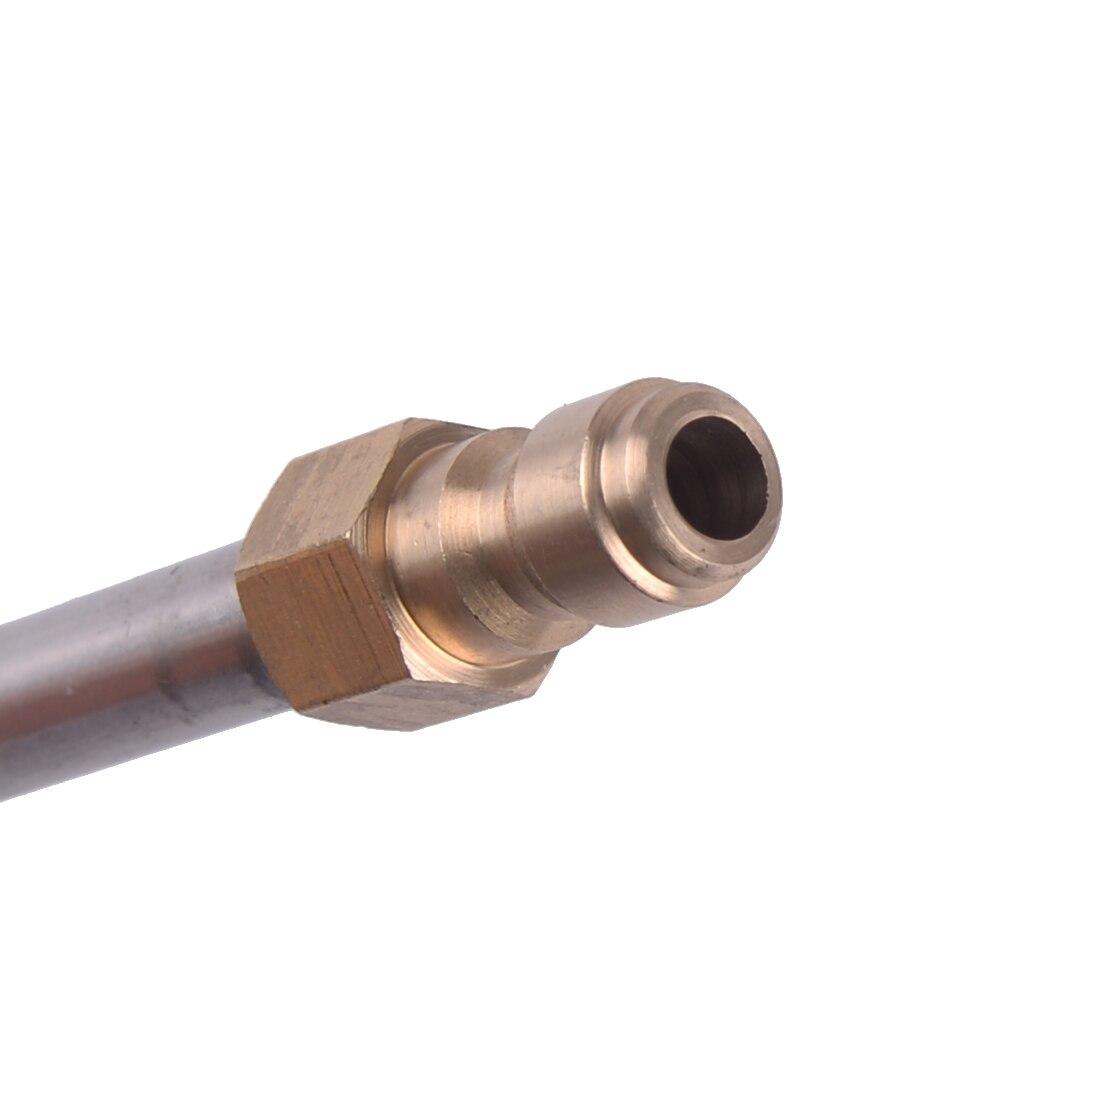 LETAOSK 1/4 дюймов быстрое подключение 90 градусов u-образный шайба устройство для чистки желоба копье палочка Локоть Комплект тяг крепления